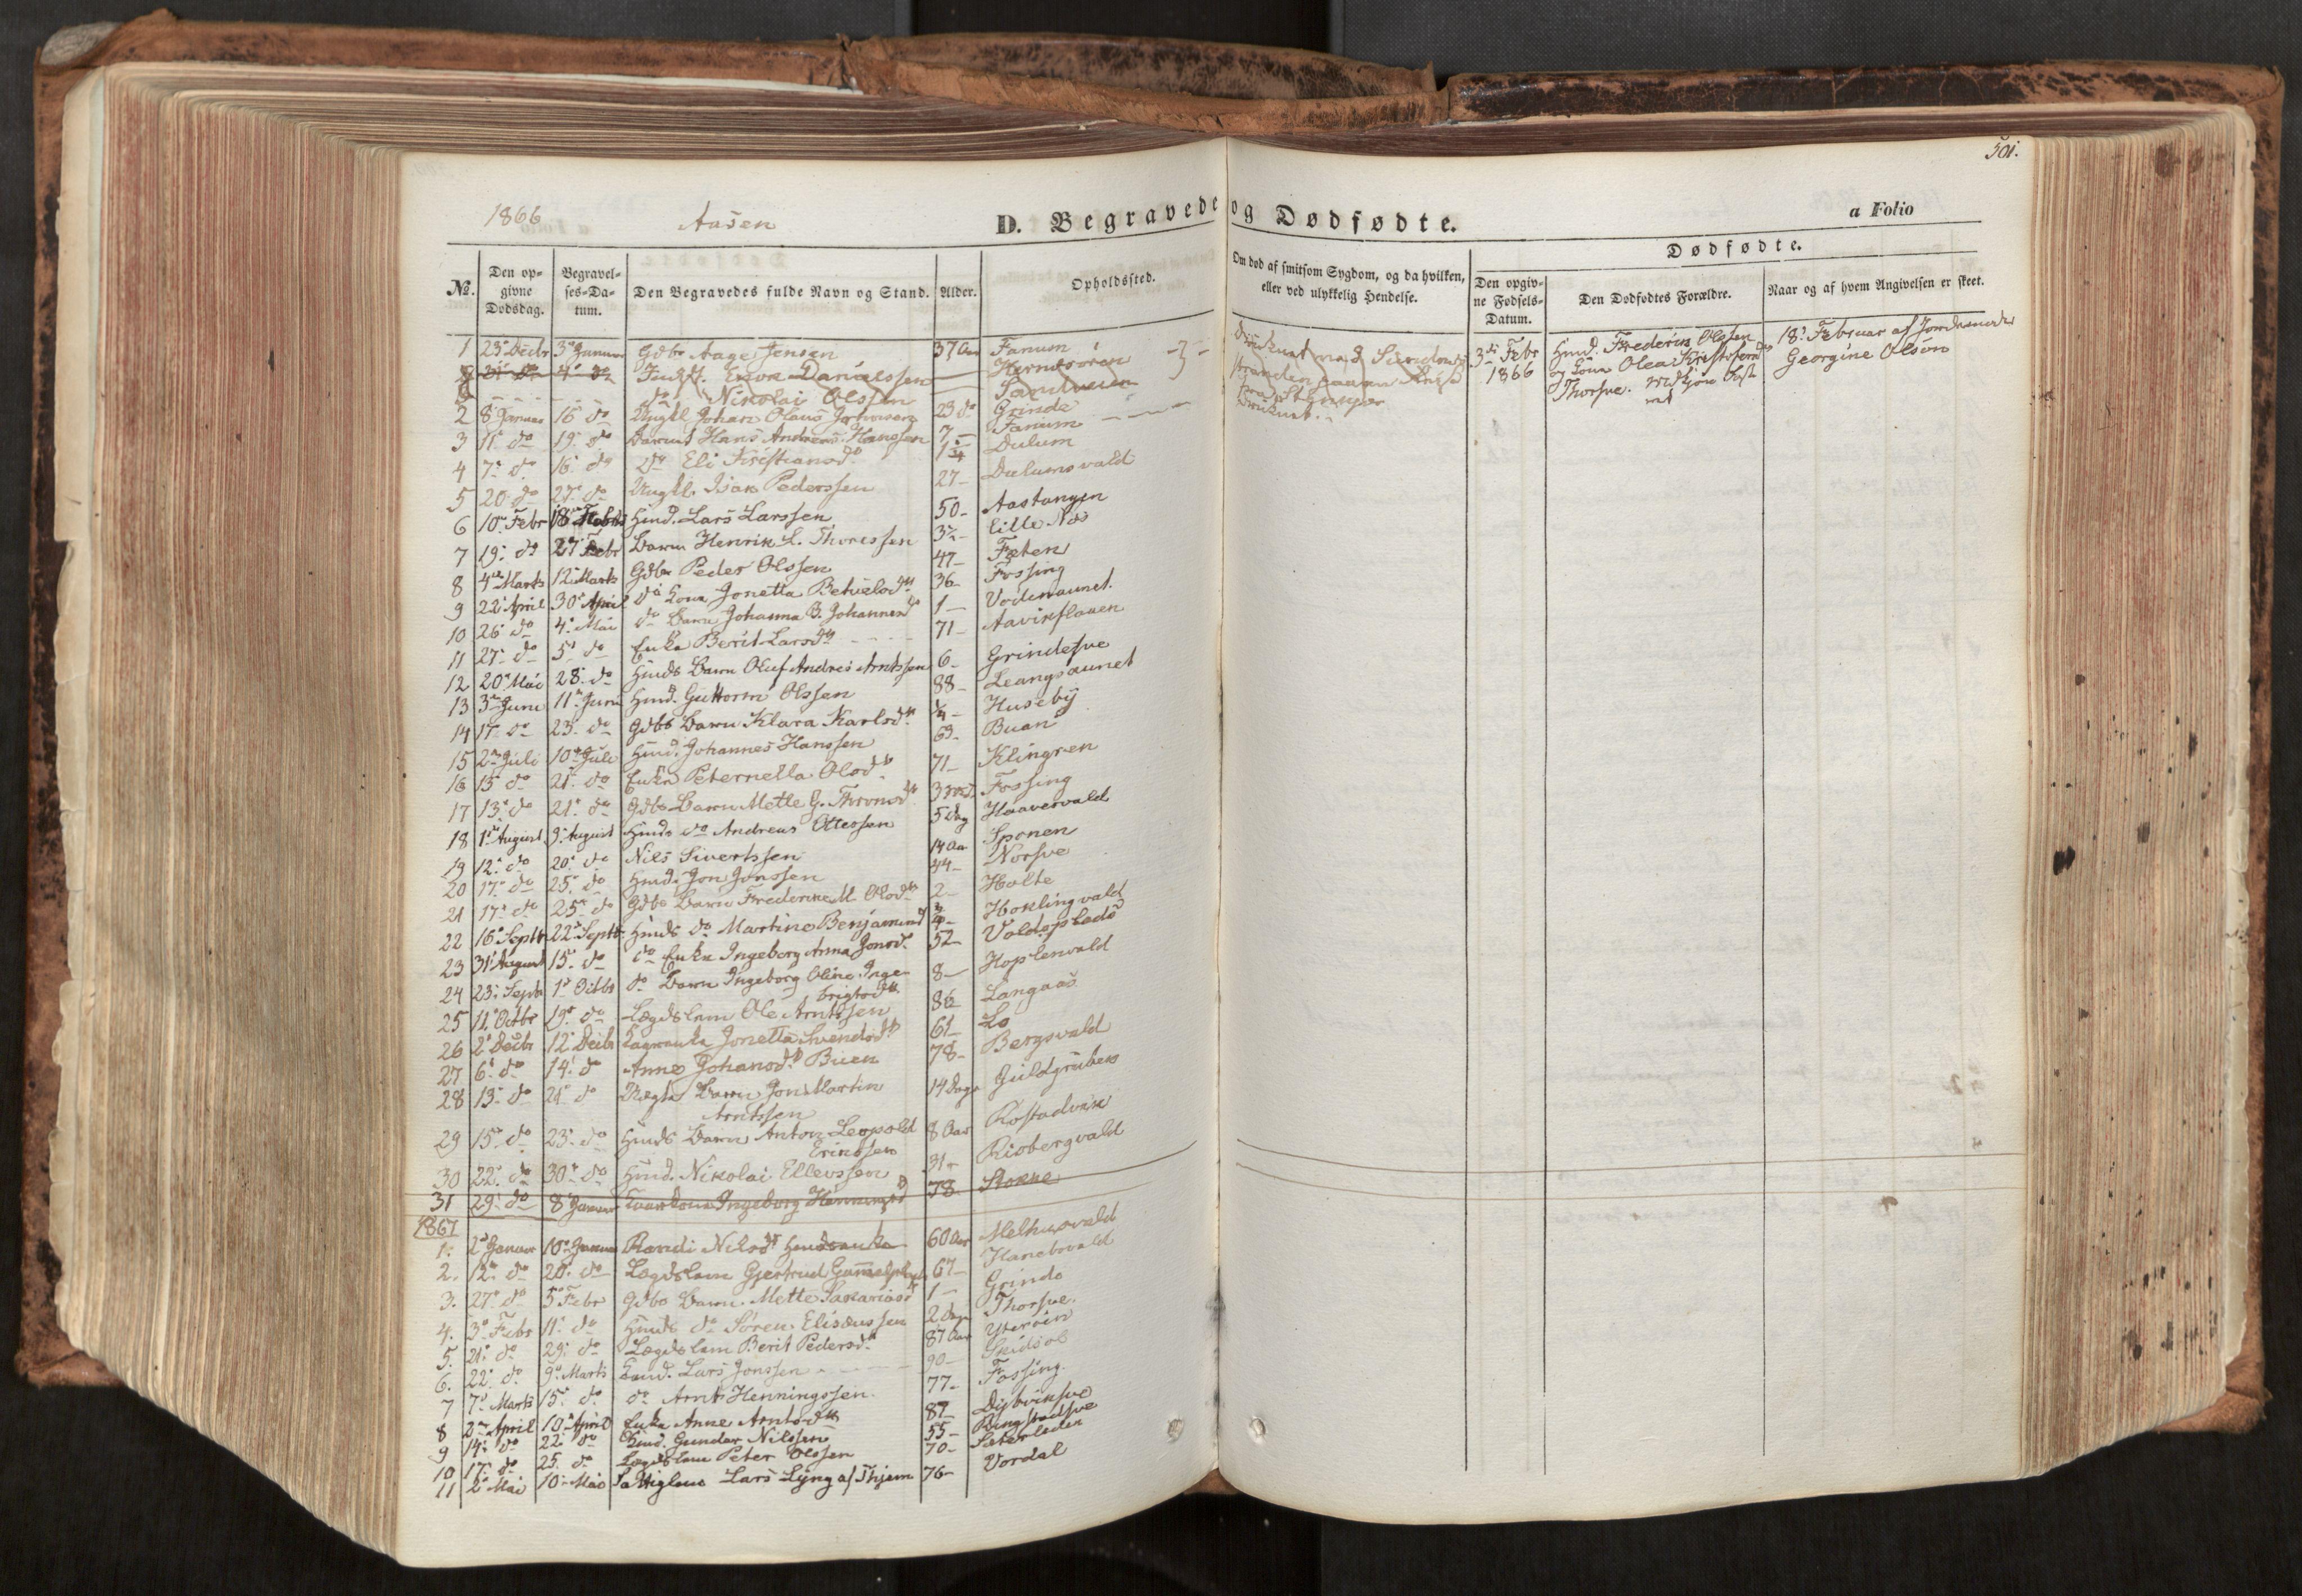 SAT, Ministerialprotokoller, klokkerbøker og fødselsregistre - Nord-Trøndelag, 713/L0116: Ministerialbok nr. 713A07, 1850-1877, s. 501